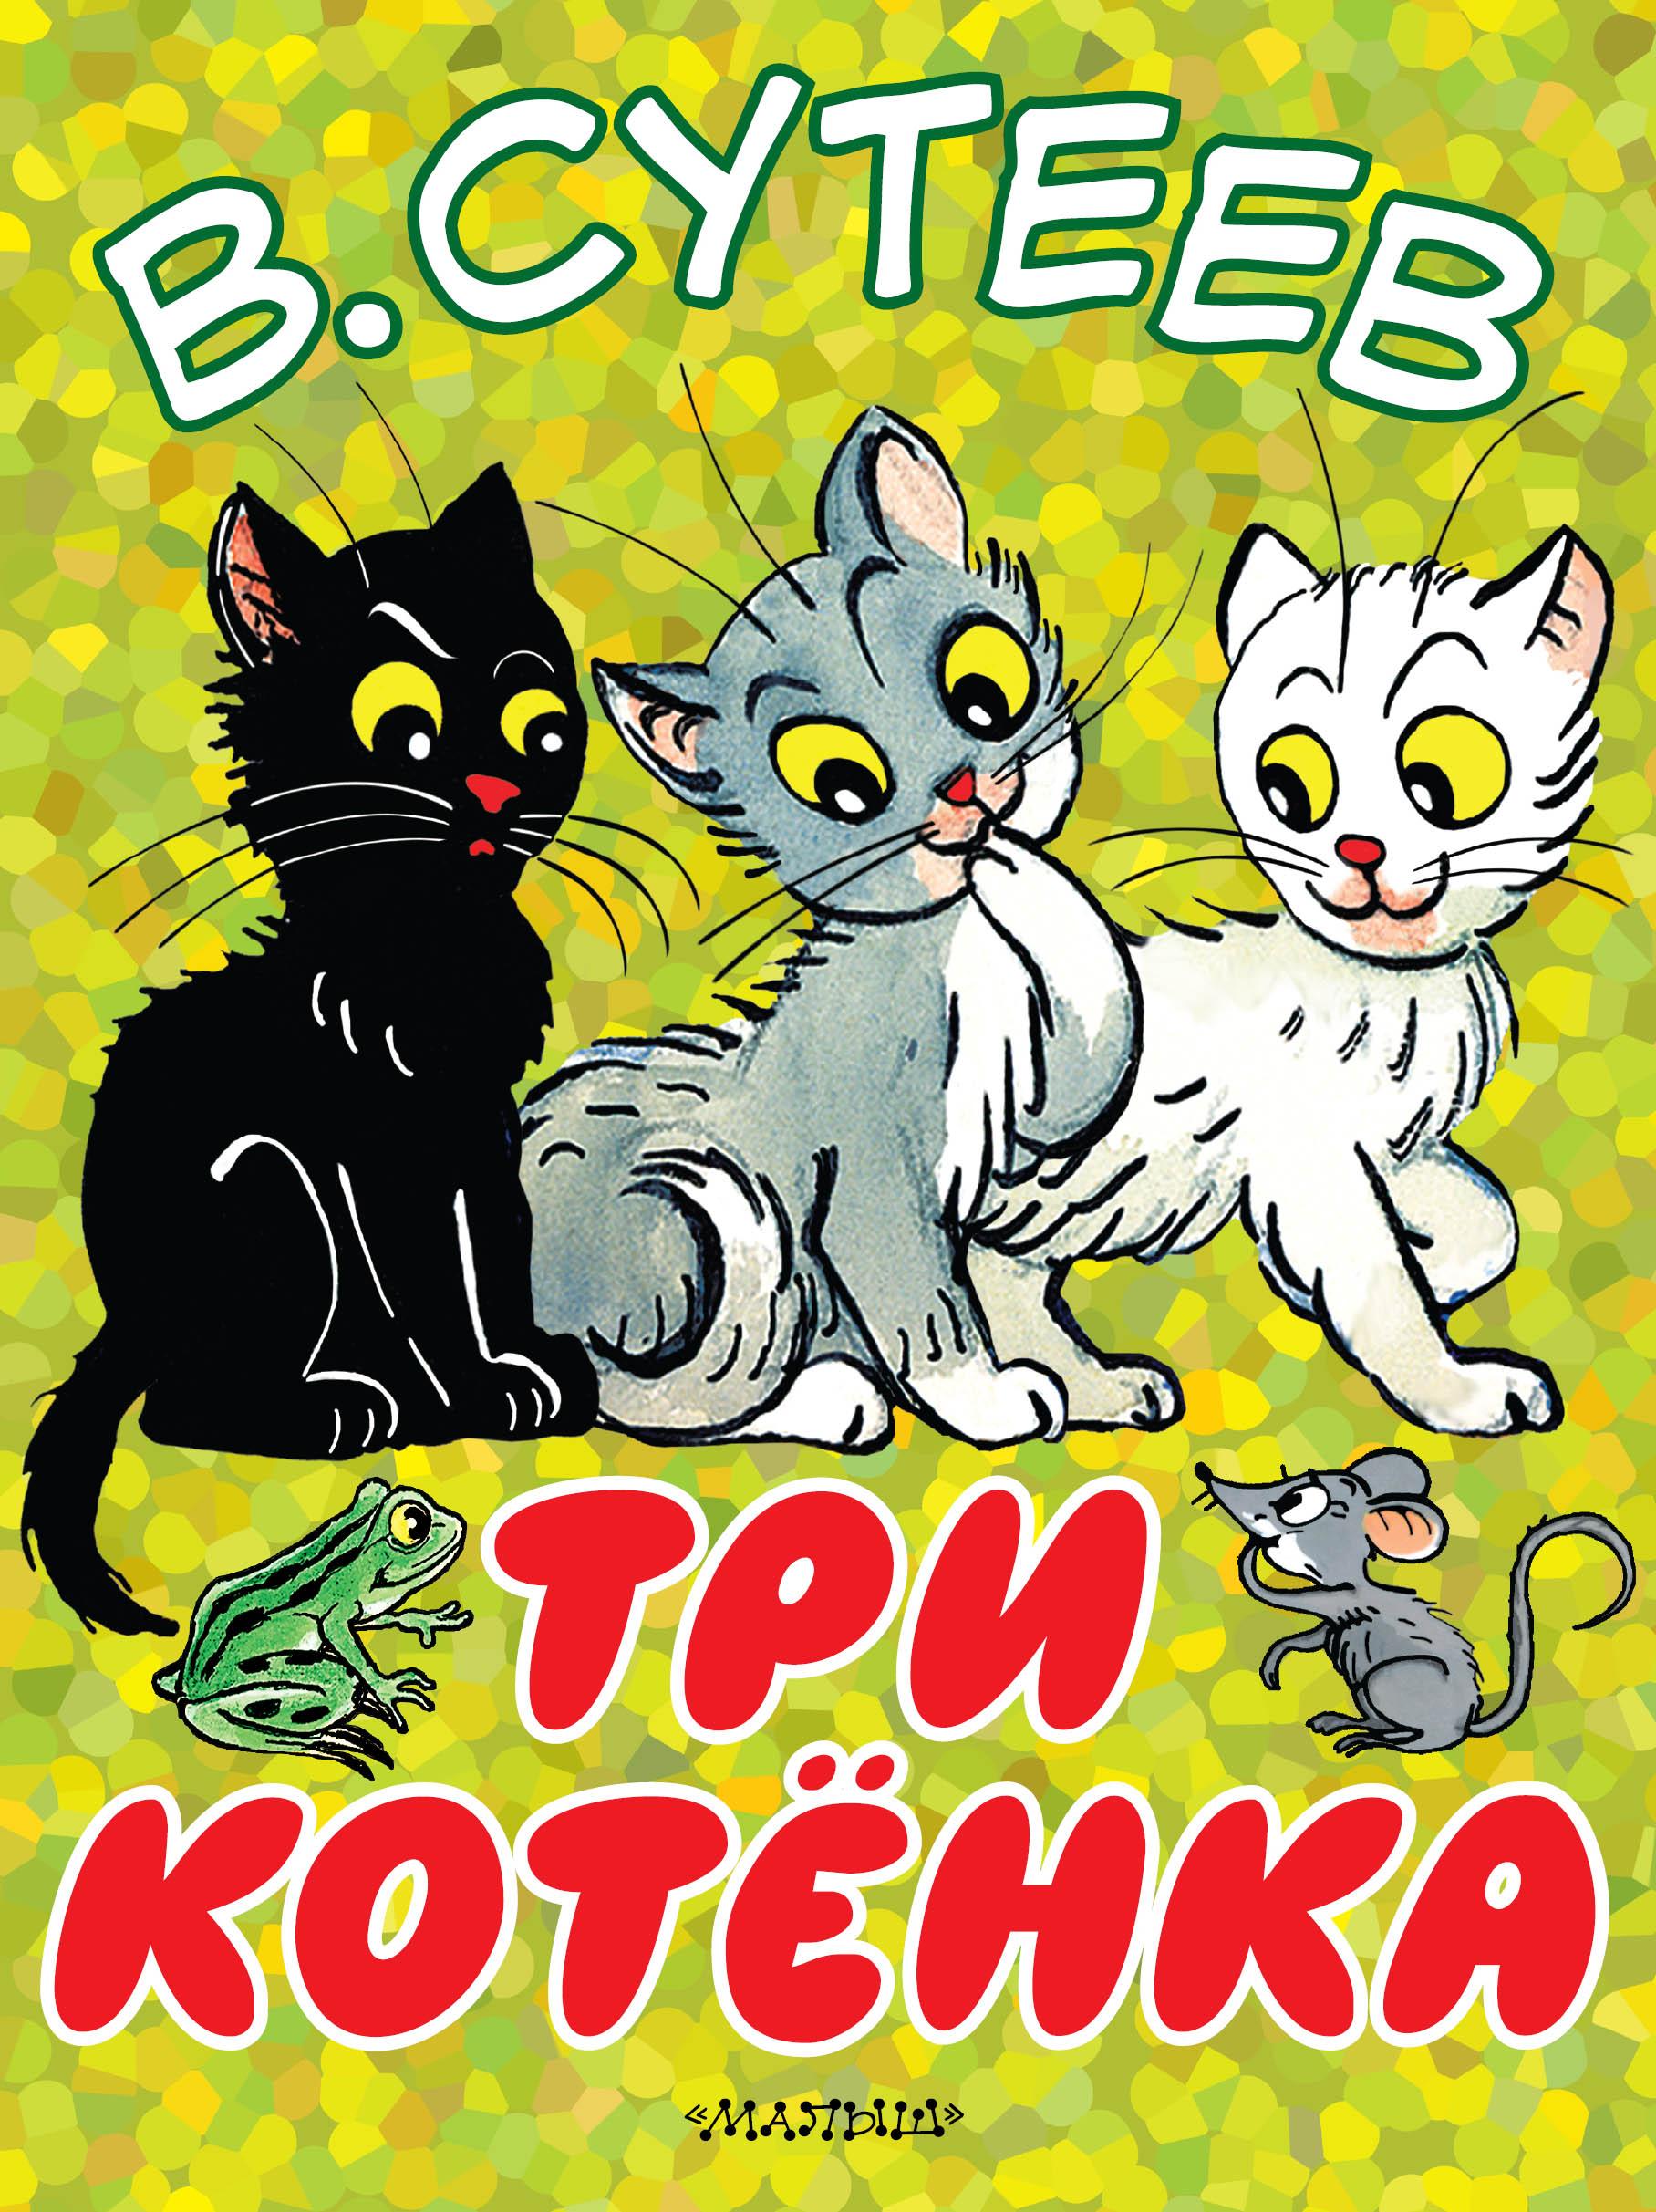 Книга: три котёнка. Автор: владимир сутеев. Аннотация, отзывы читателей, иллюстрации. Купить книгу по привлекательной цене среди миллиона книг.